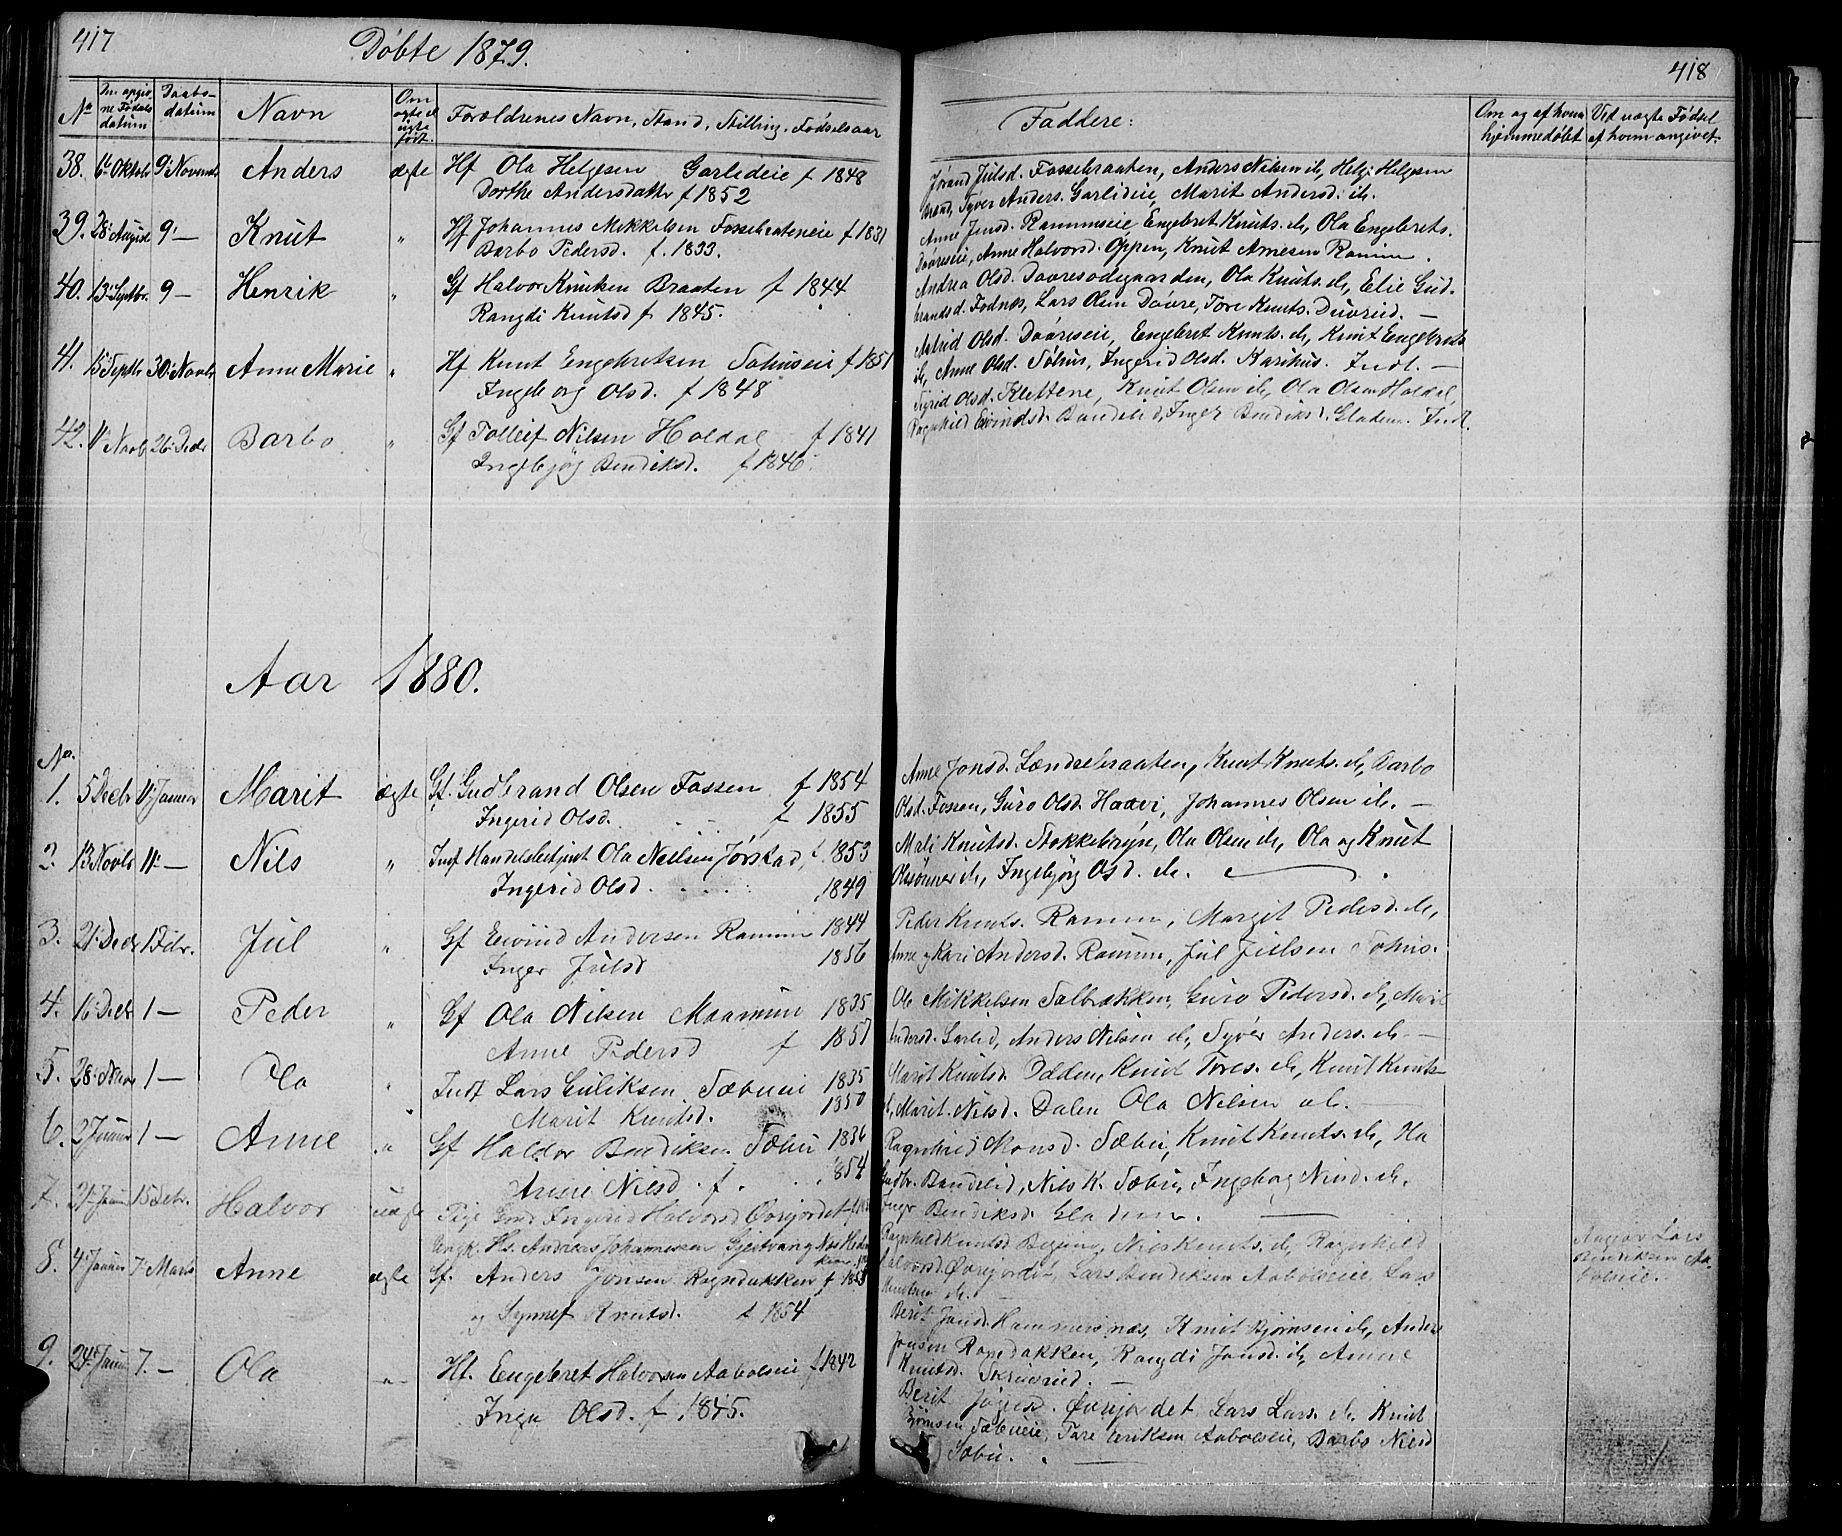 SAH, Nord-Aurdal prestekontor, Klokkerbok nr. 1, 1834-1887, s. 417-418